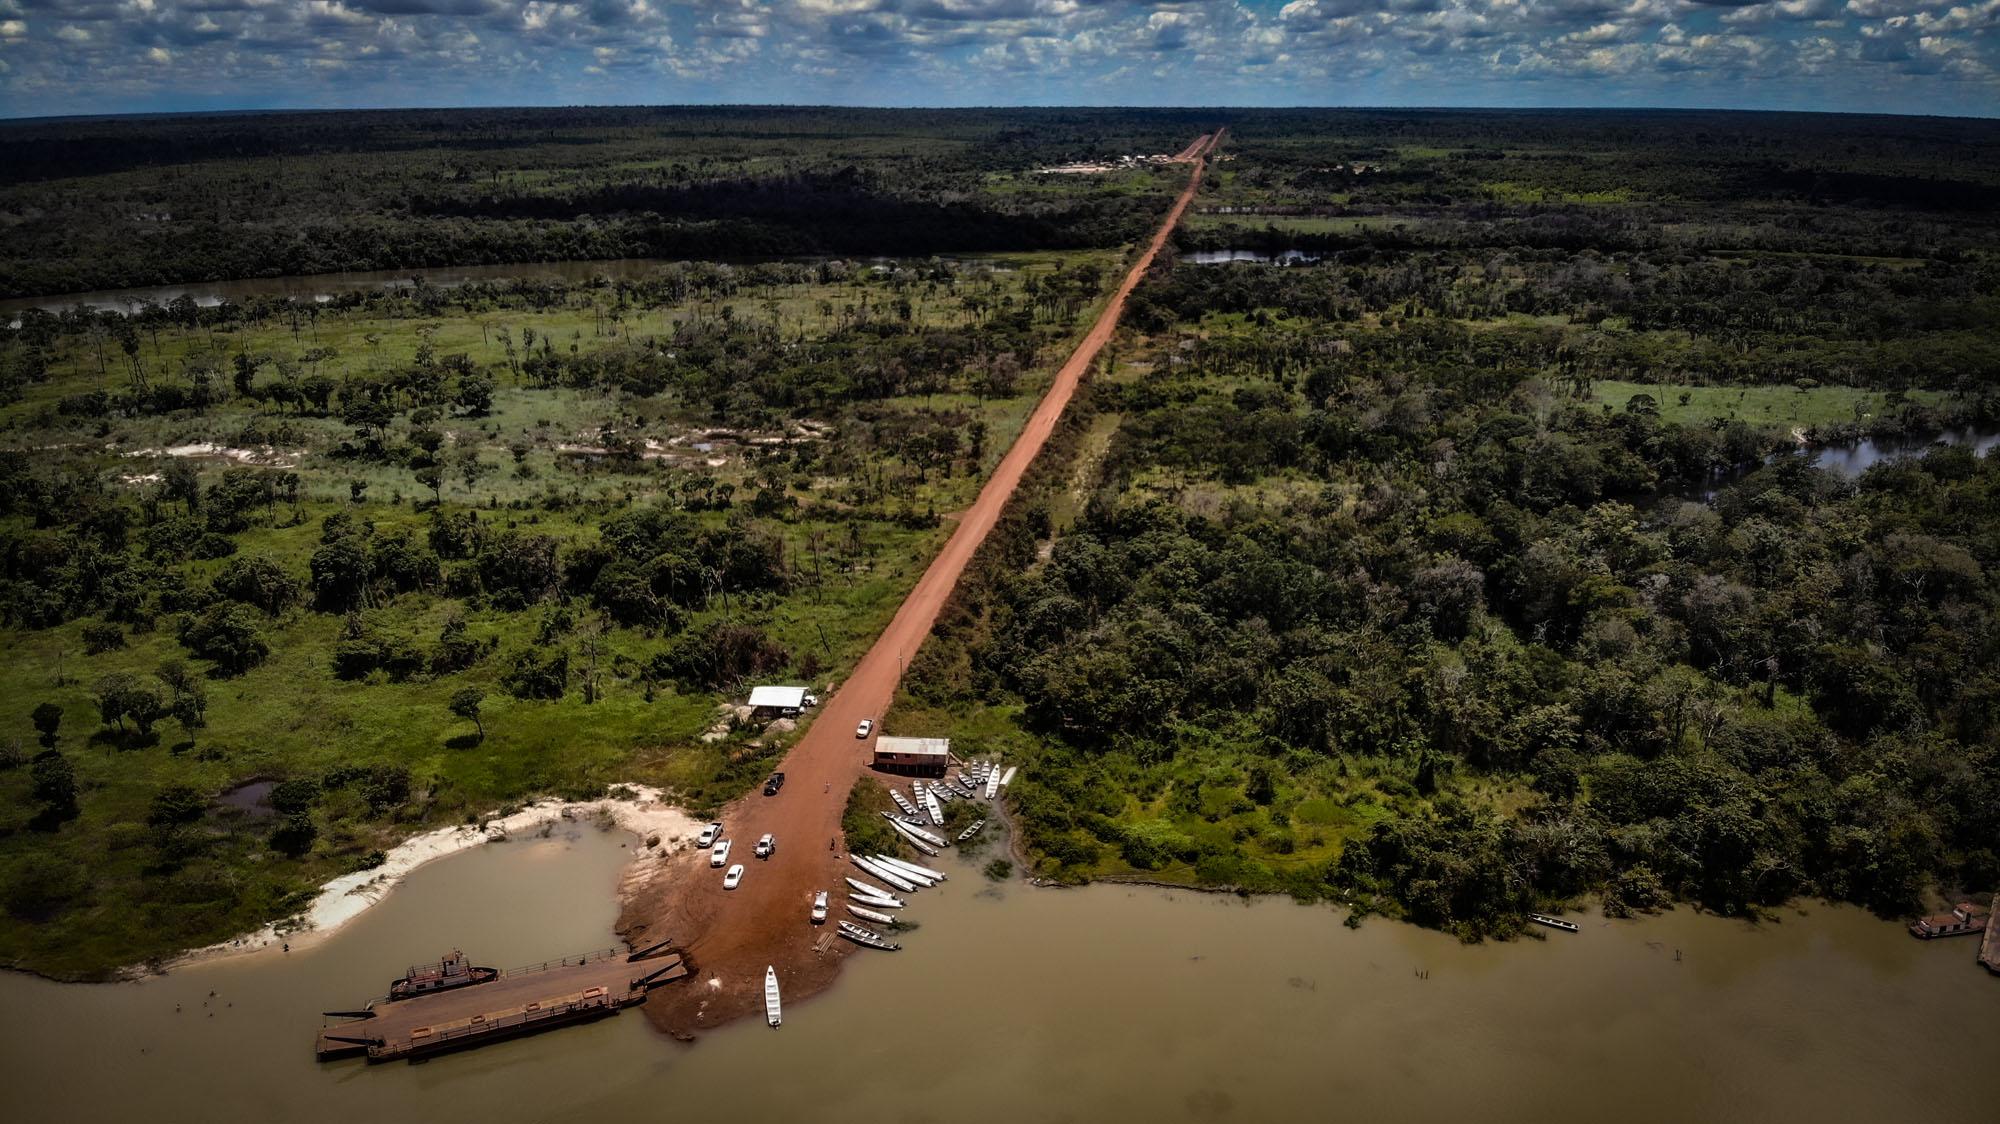 Polícia do Mato Grosso investiga ataque a tiros no território do cacique Raoni